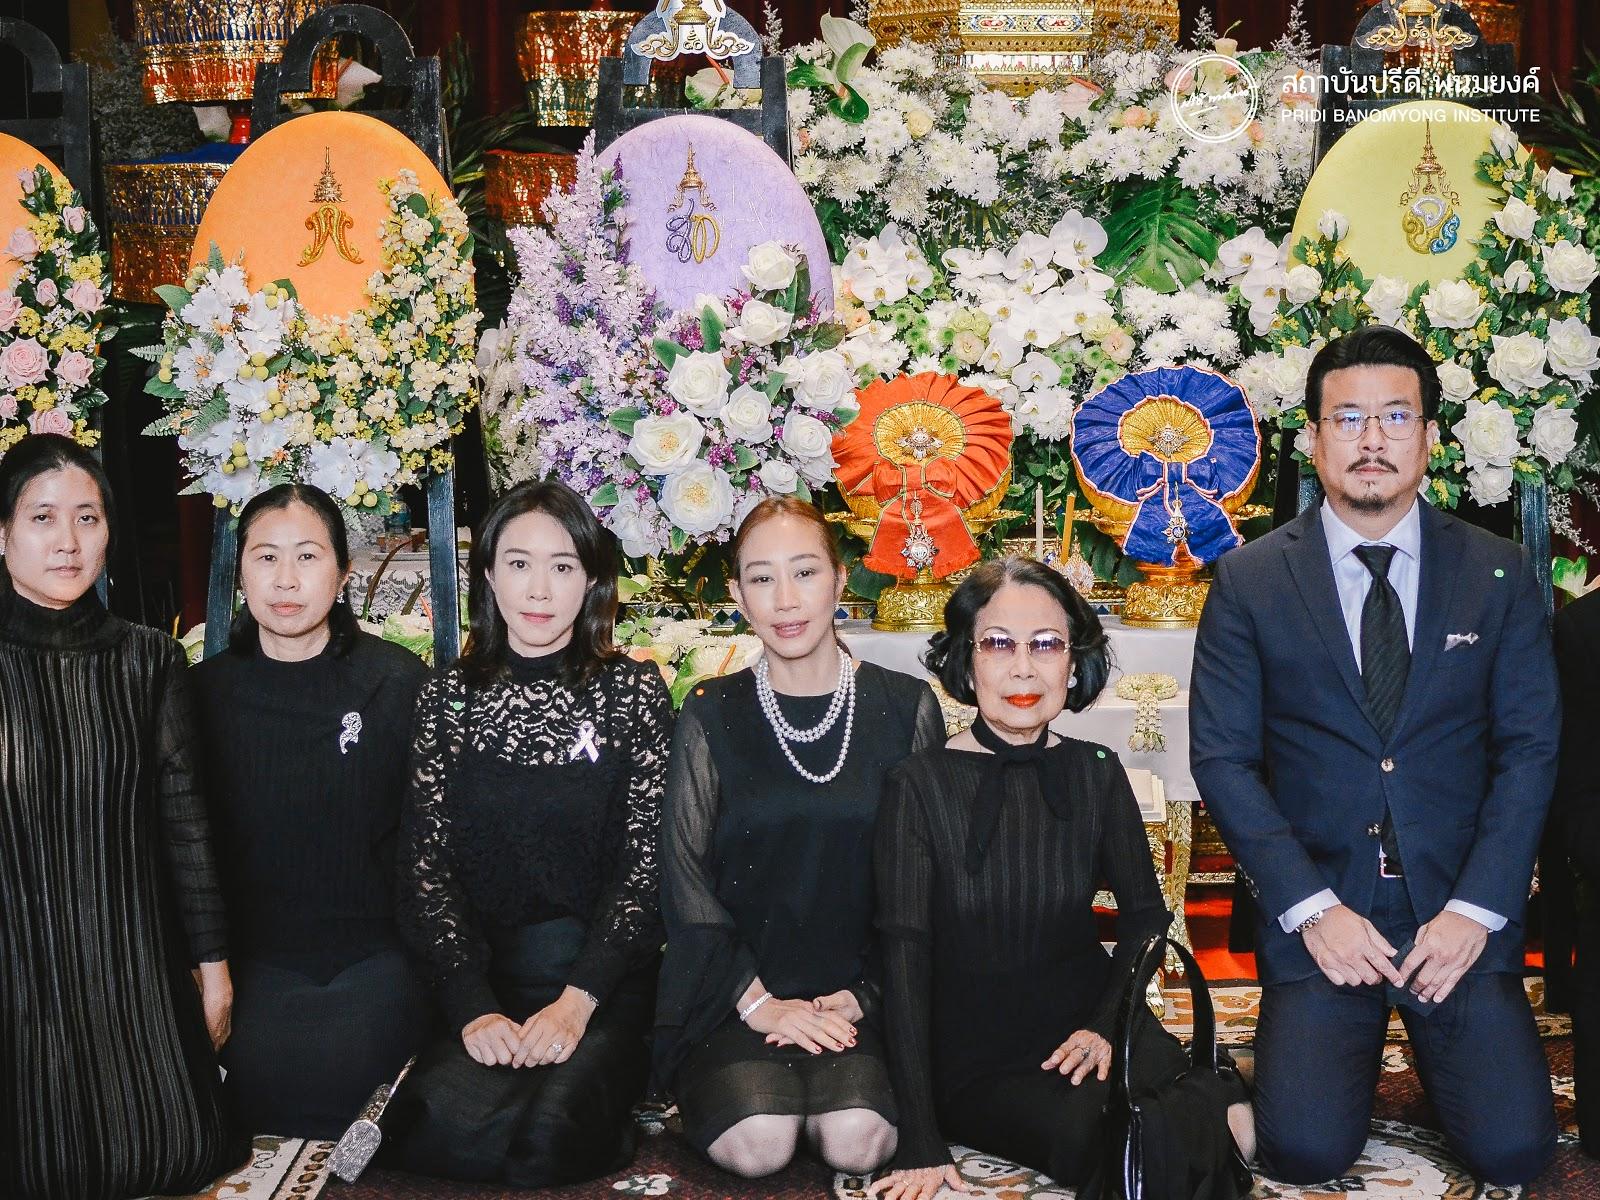 มูลนิธิปรีดี พนมยงค์ เป็นเจ้าภาพร่วมพิธีสวดพระอภิธรรมศพ ศ.ดร.อิสสระ นิติทัณฑ์ประภาศ